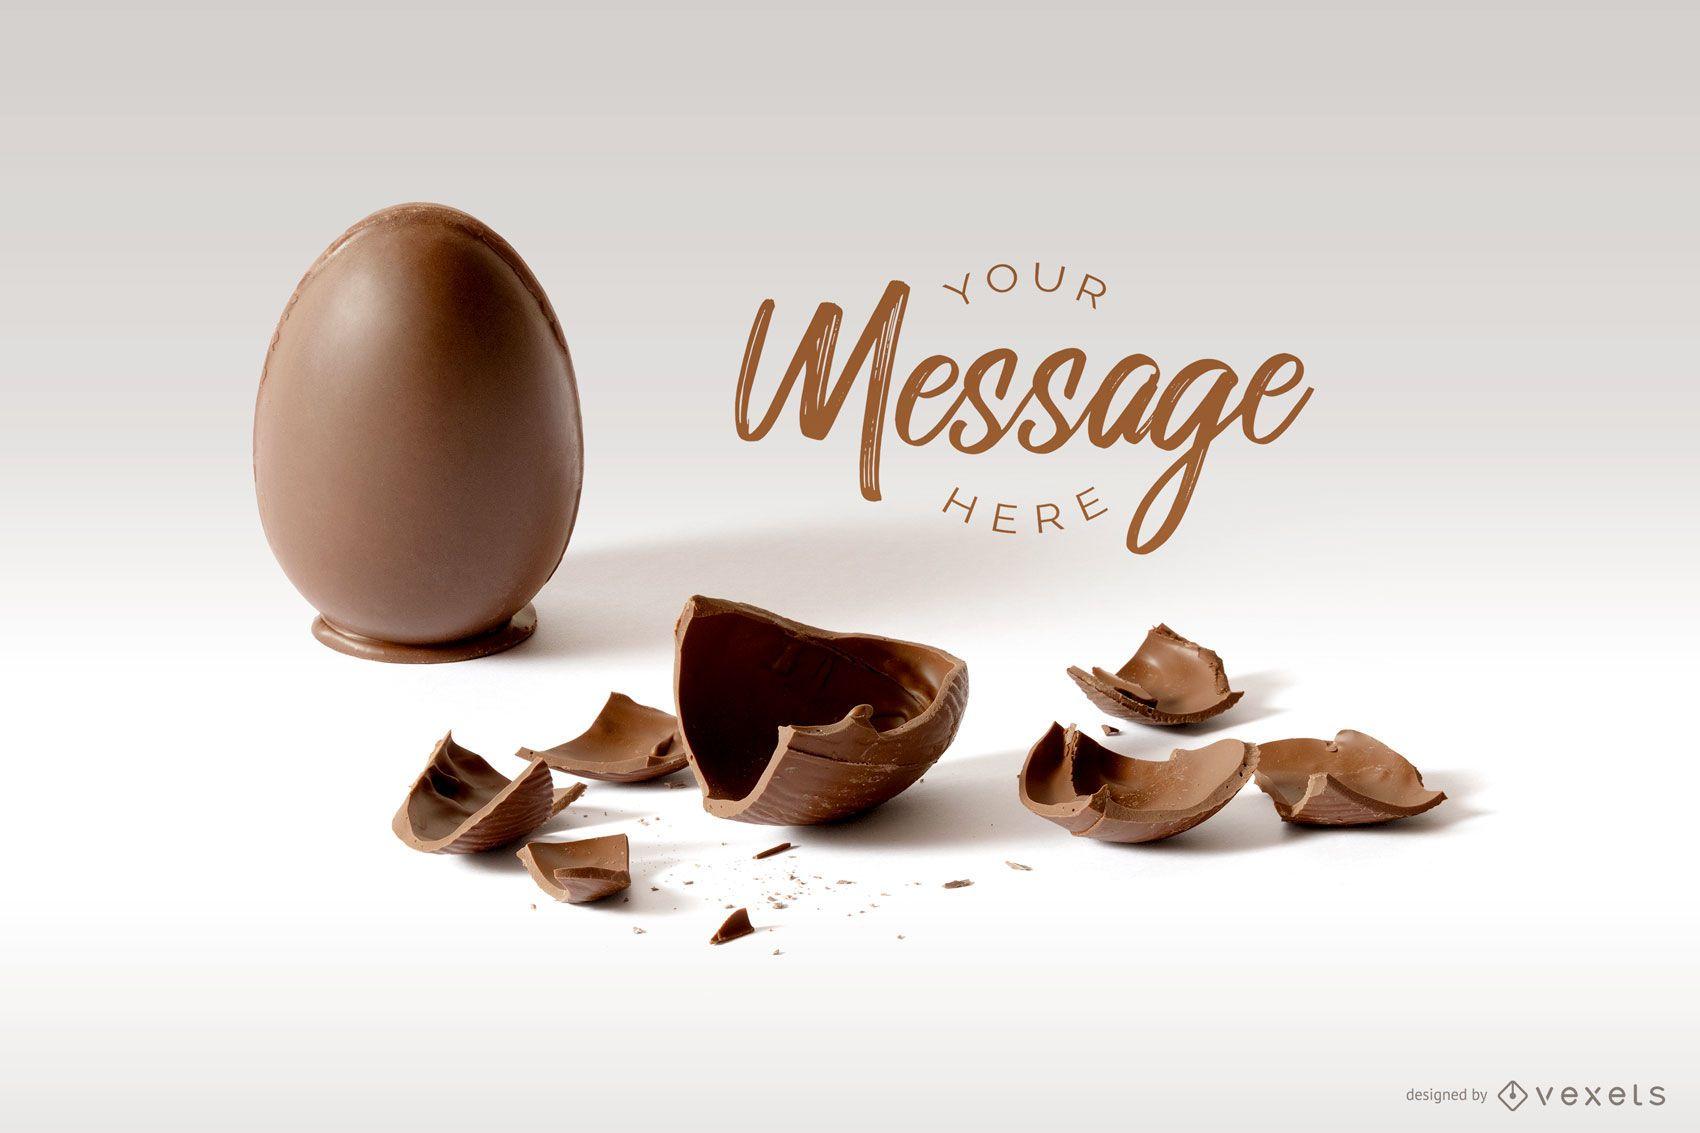 Cracked Easter Egg Message Mockup